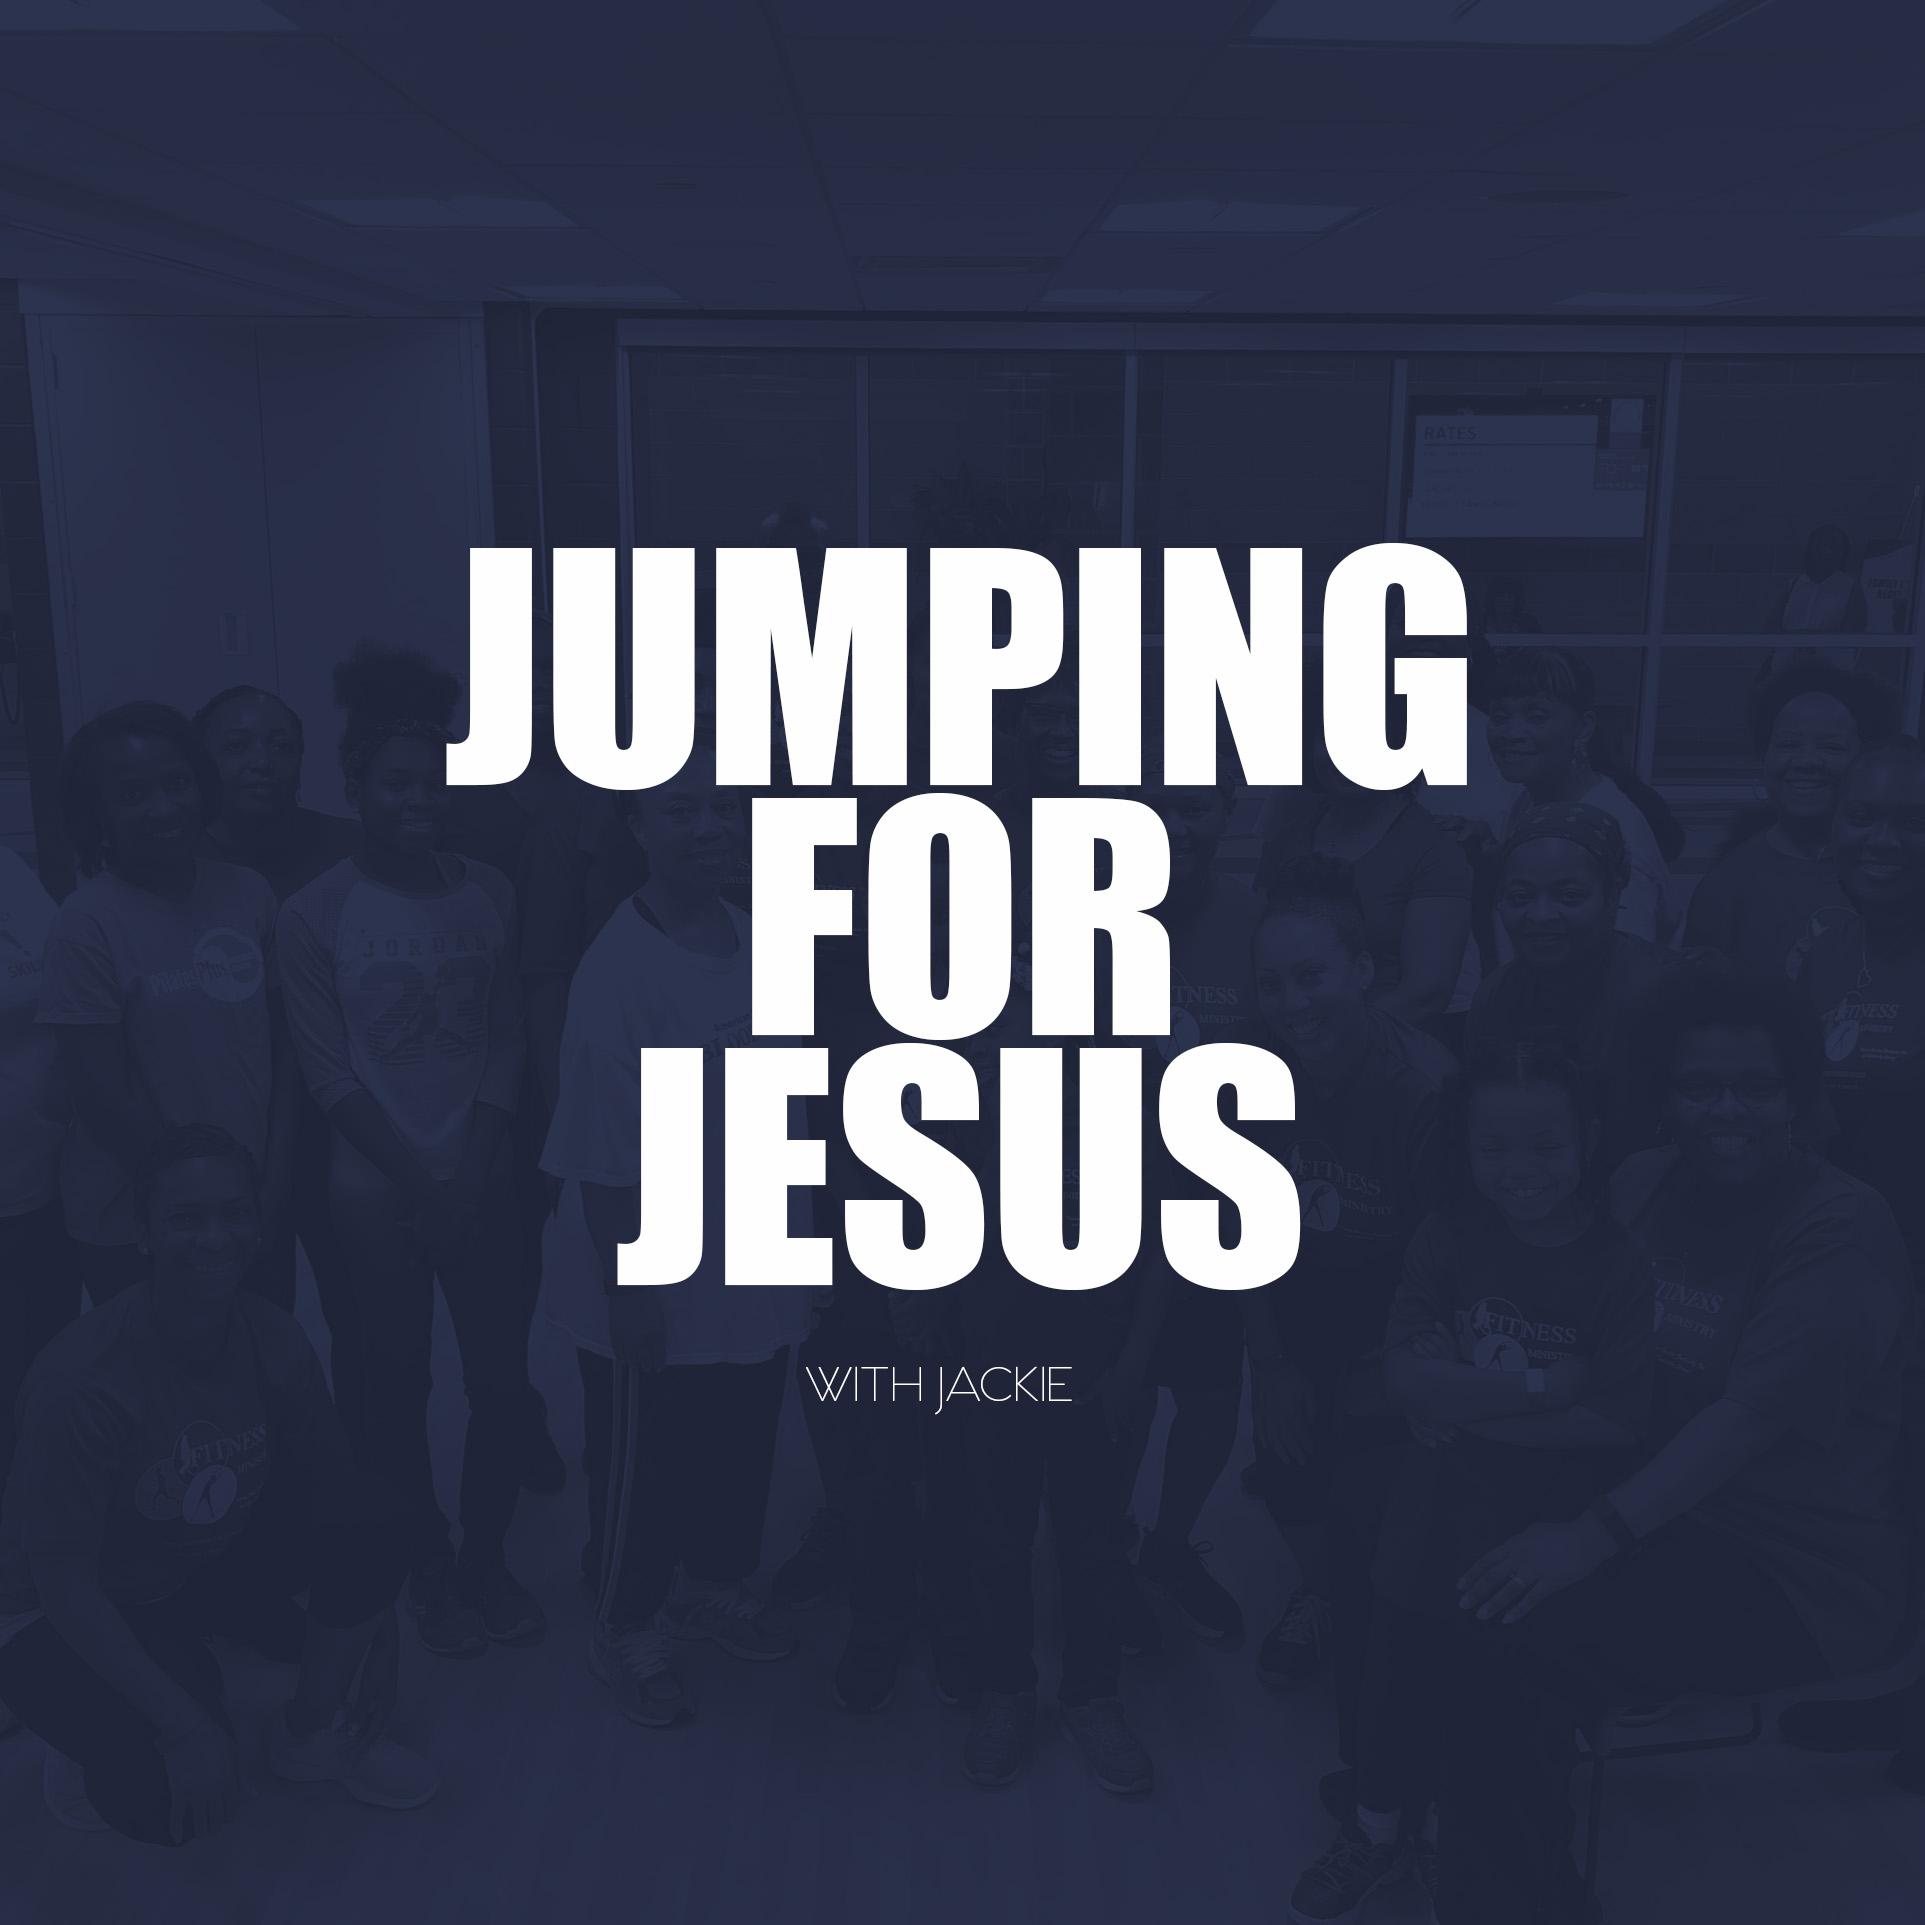 Jumping for Jesus.jpg